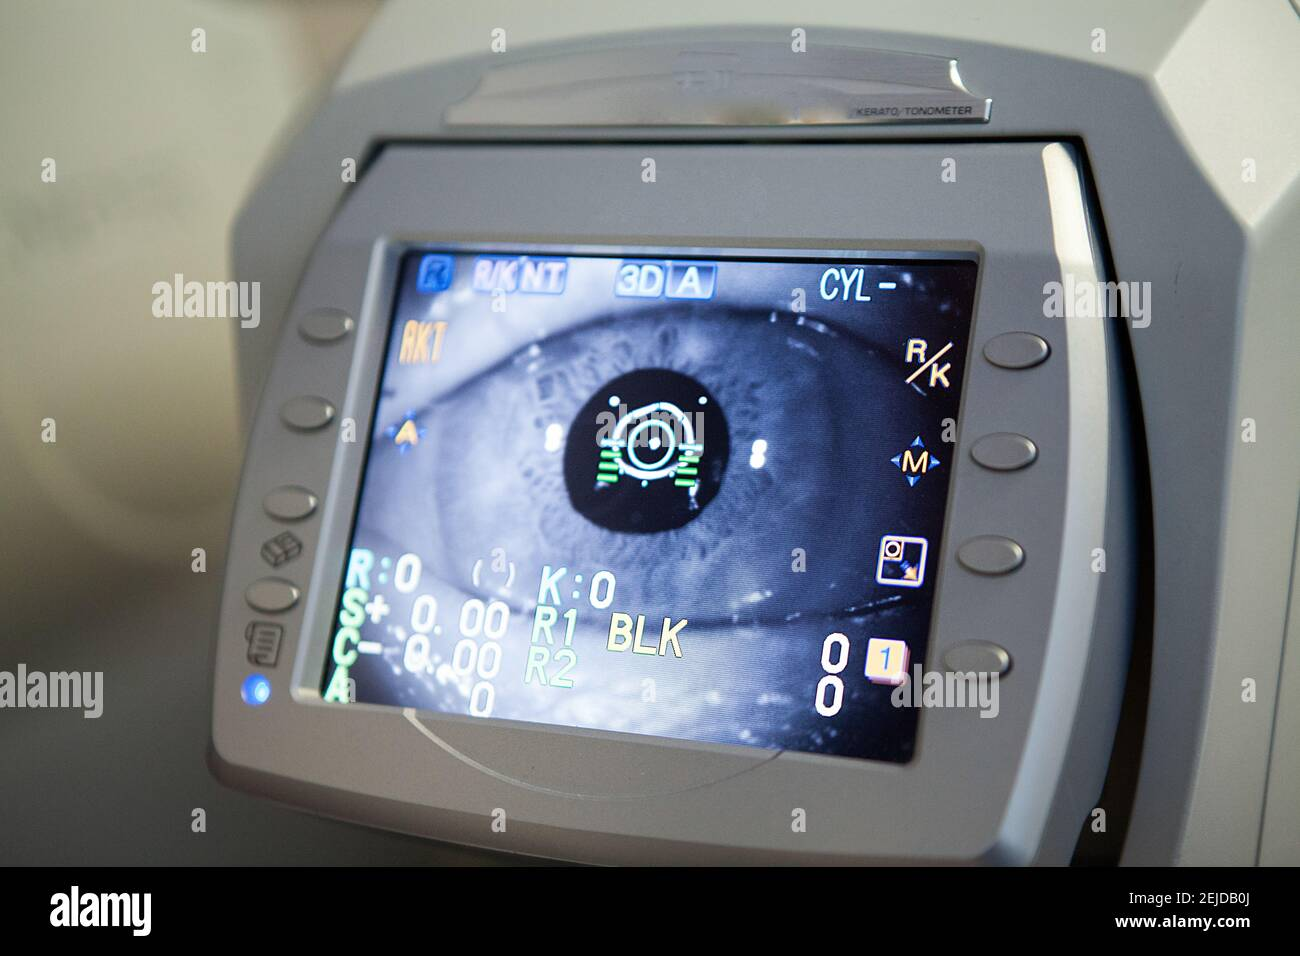 Consultation en ophtalmologie, l'ophtalmologiste effectue une biométrie optique avec un autofracto-kérato-tonometer. Banque D'Images